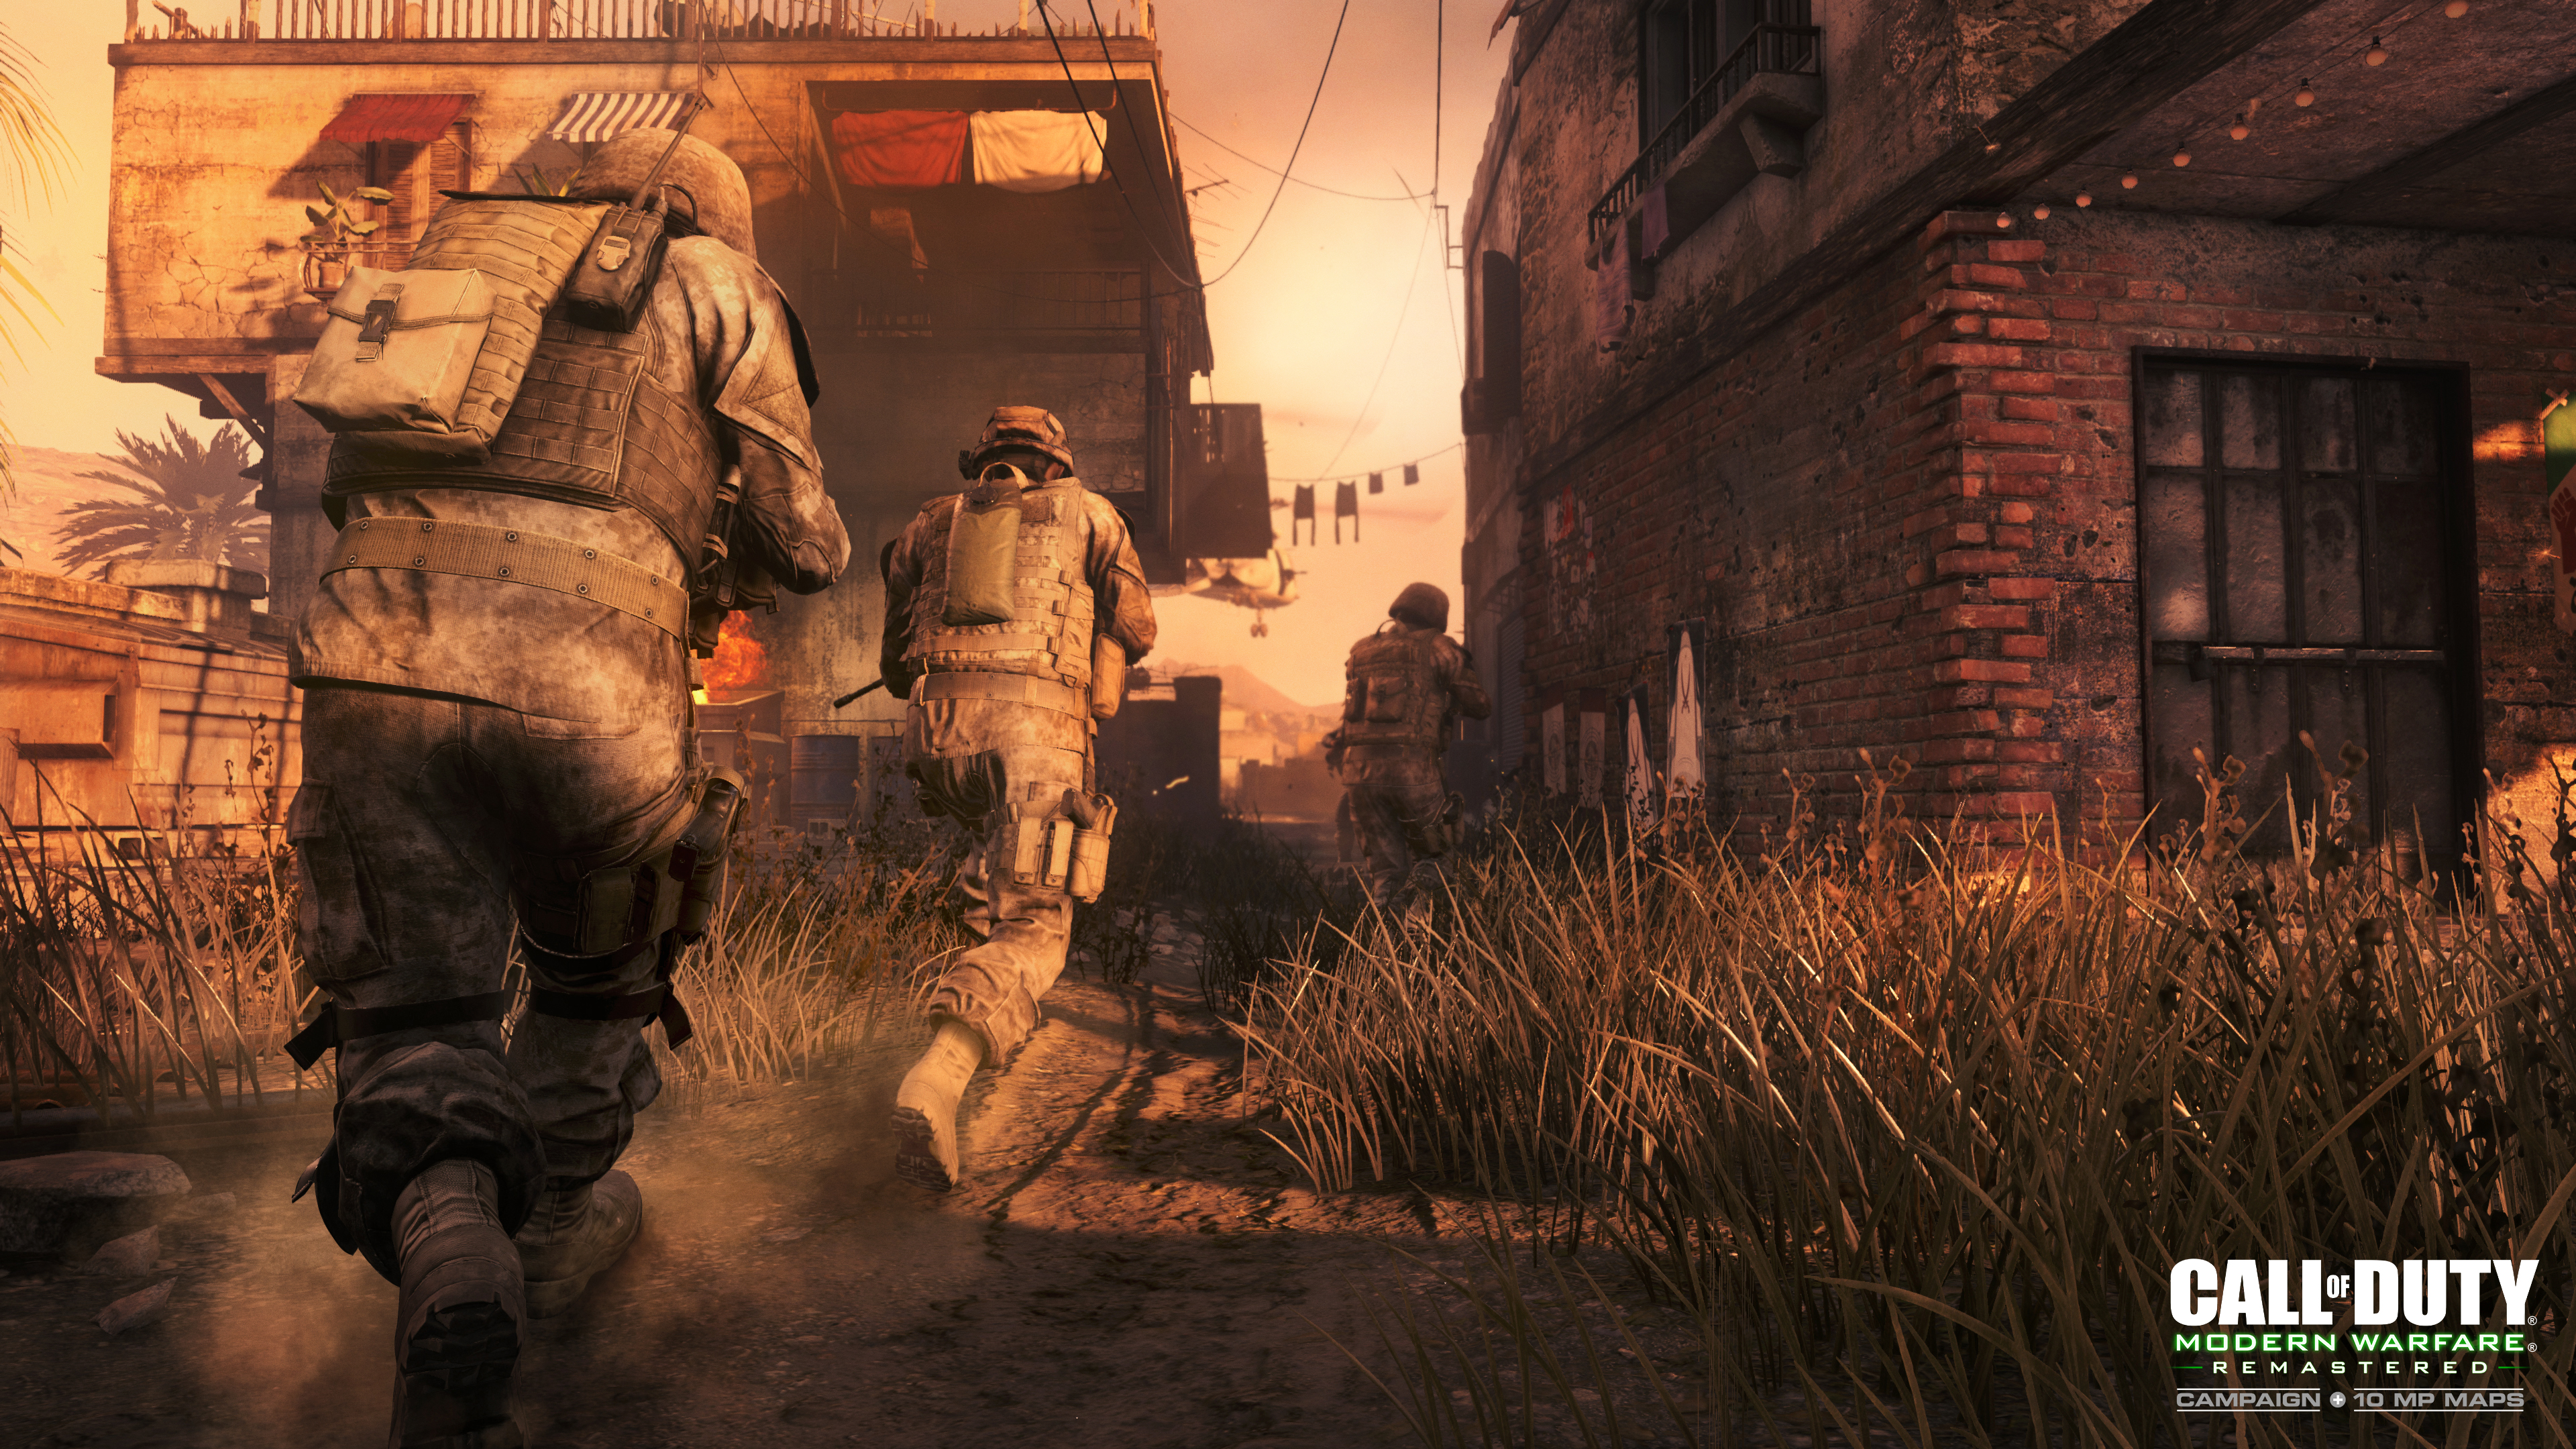 Další screenshoty z Call of Duty: Infinite Warfare a Modern Warfare Remastered 128842